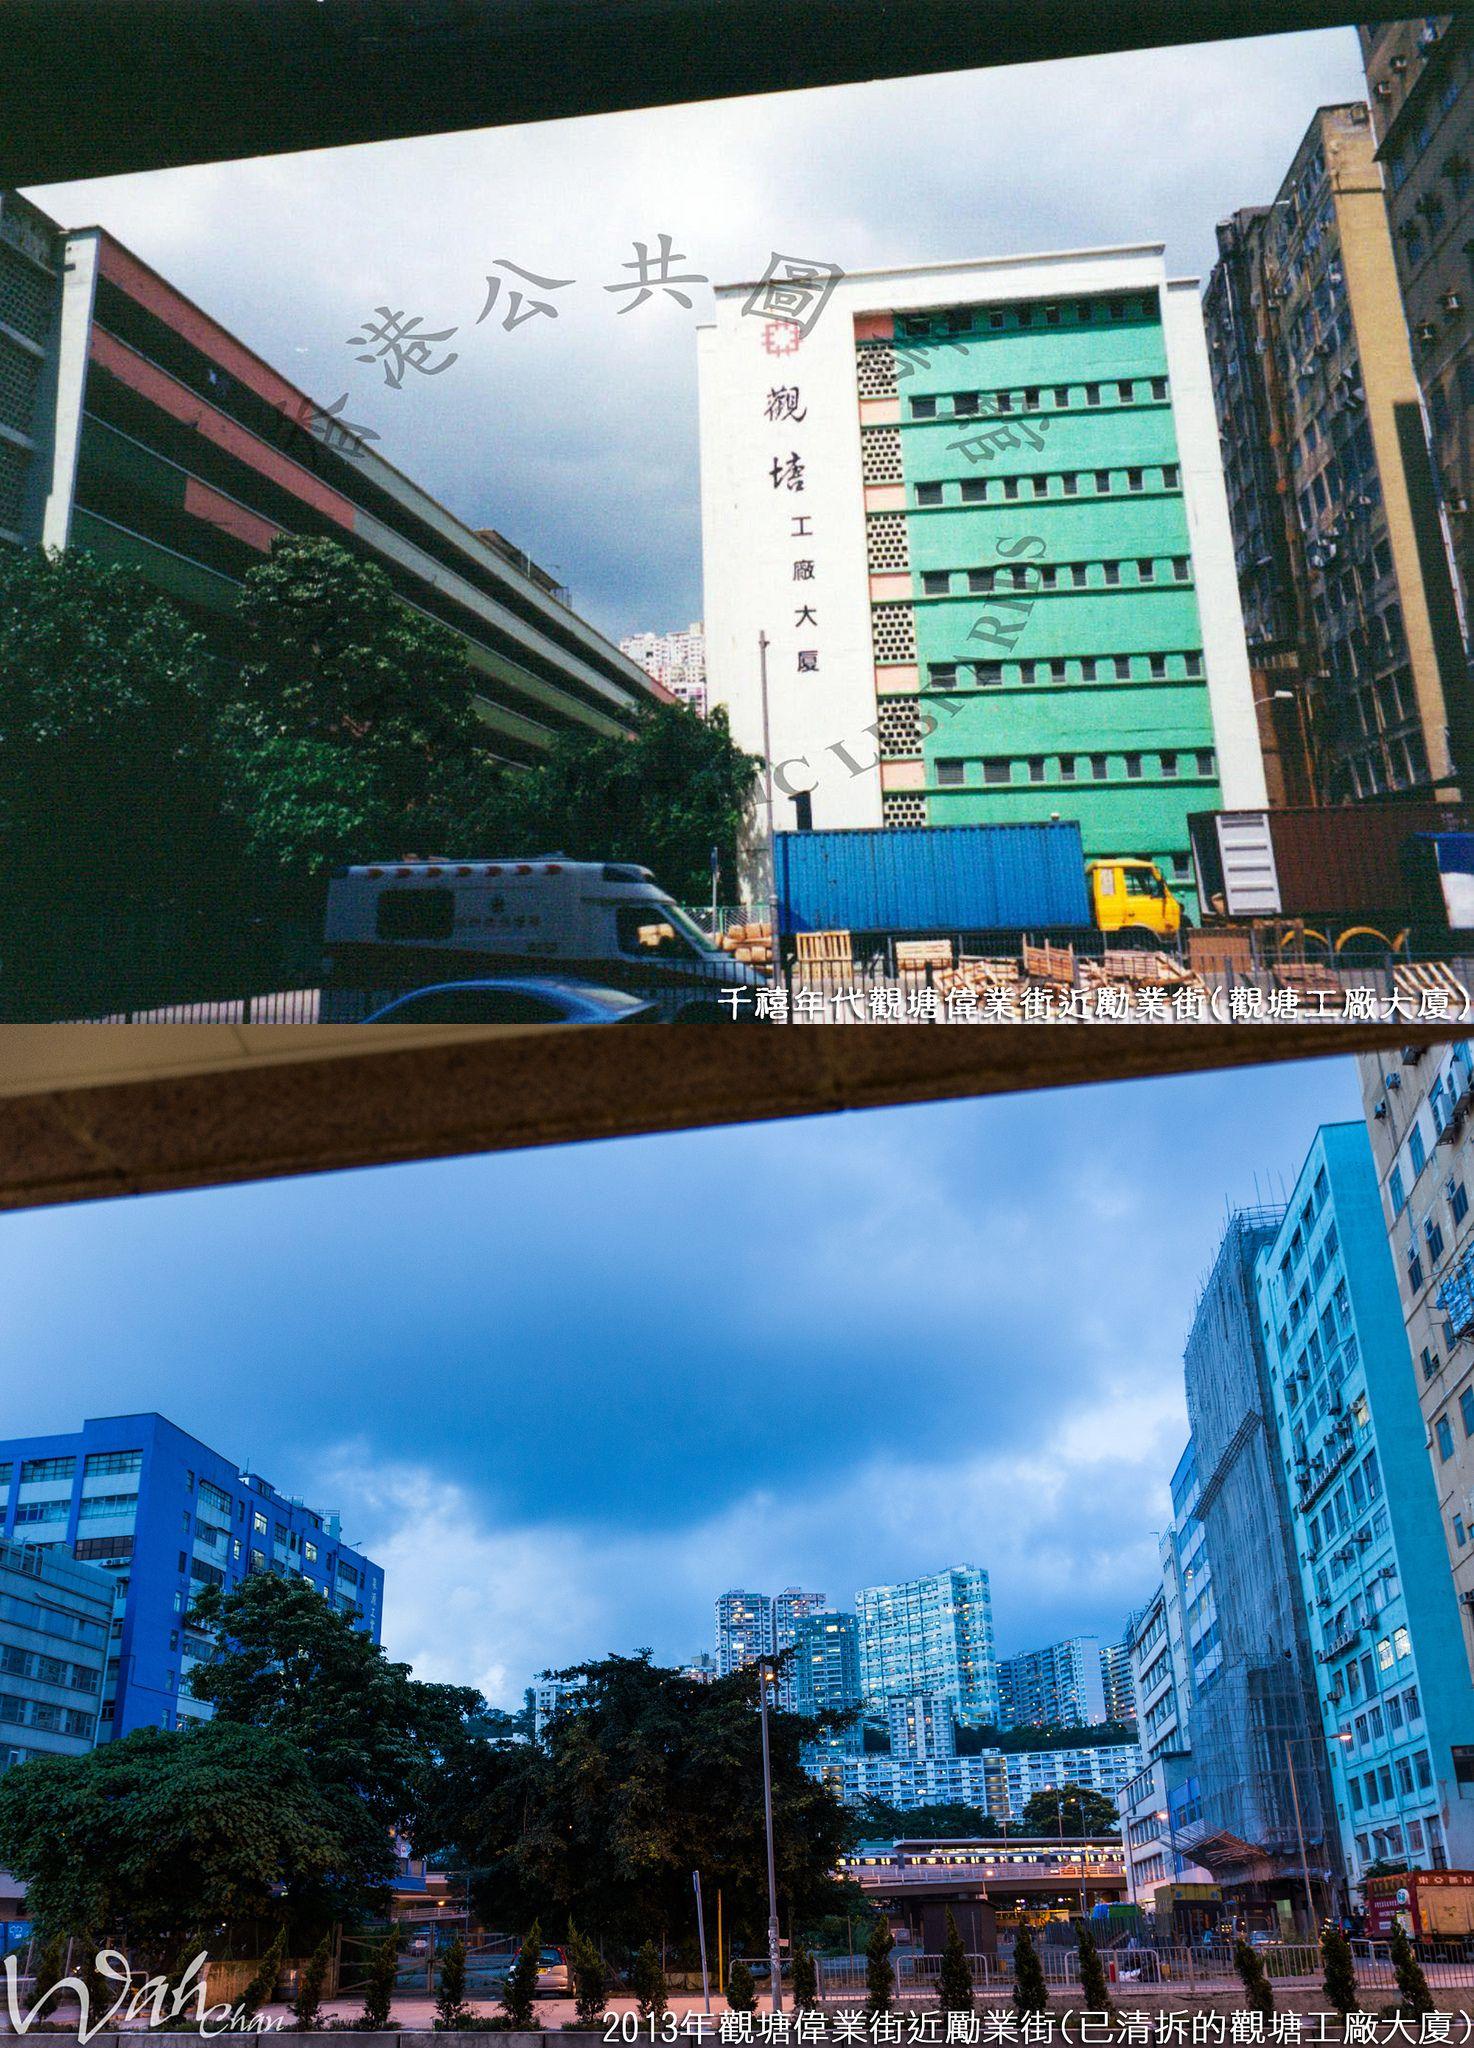 ***舊圖來源: 香港公共圖書館***  - 觀塘工廠大廈 vs 已清拆